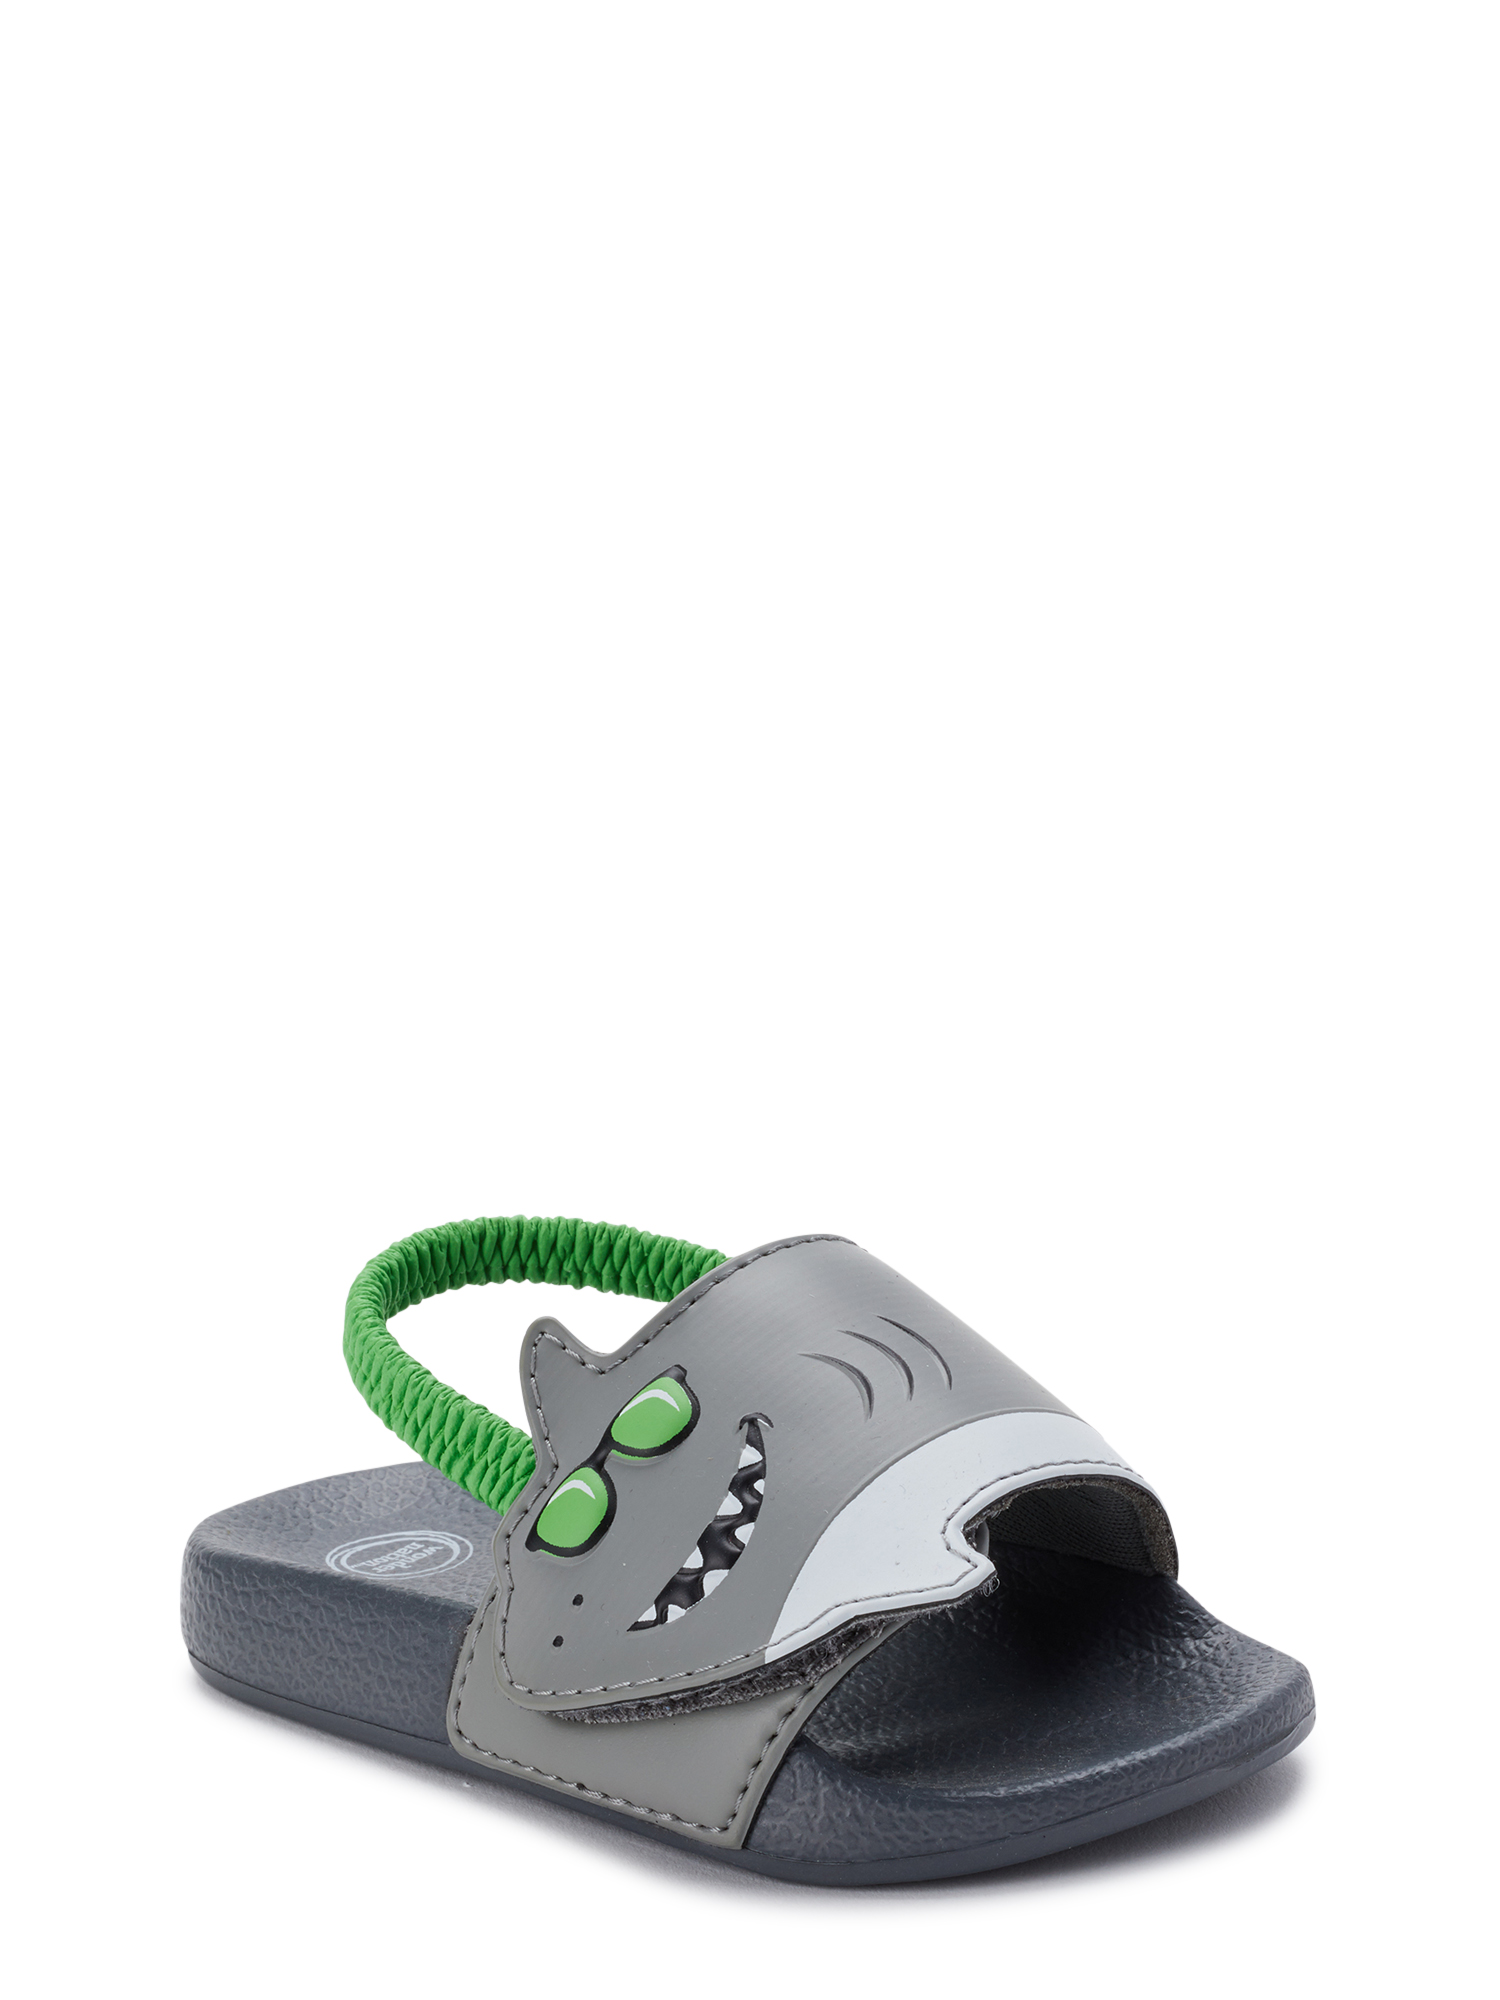 Wonder Nation Shark Slide Sandals